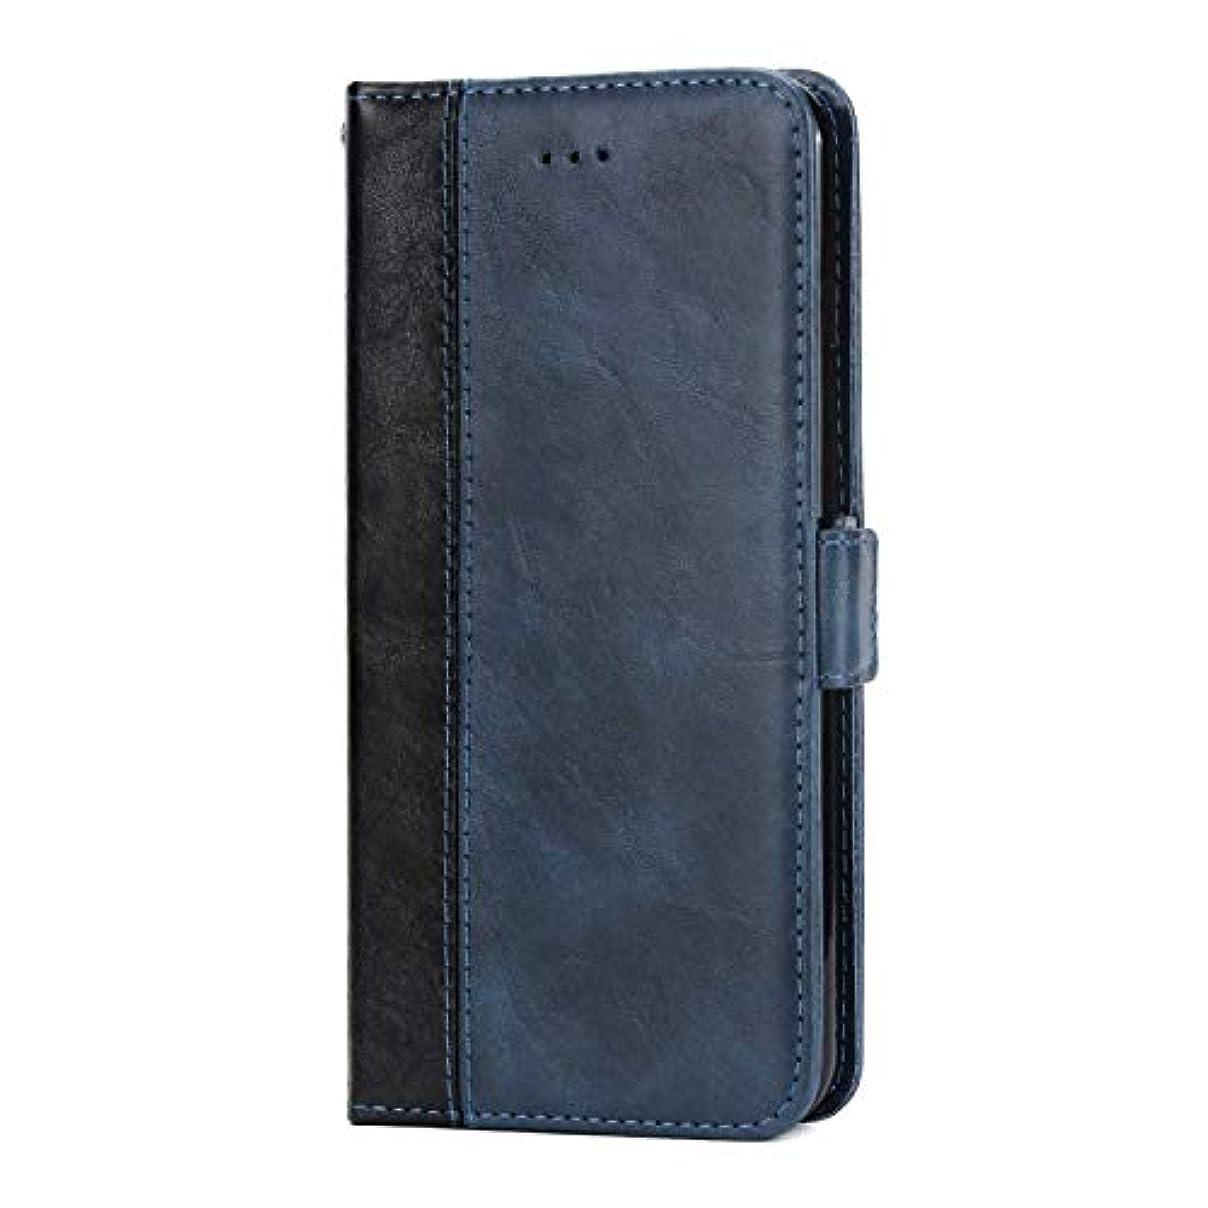 プログラムジョットディボンドン歪めるOMATENTI Huawei P20 Pro 手帳ケース マグネット式 カバー Huawei P20 Pro 高級PUレザー カードポケット スタンド機能 薄型 スマホケース(3-ブルー)